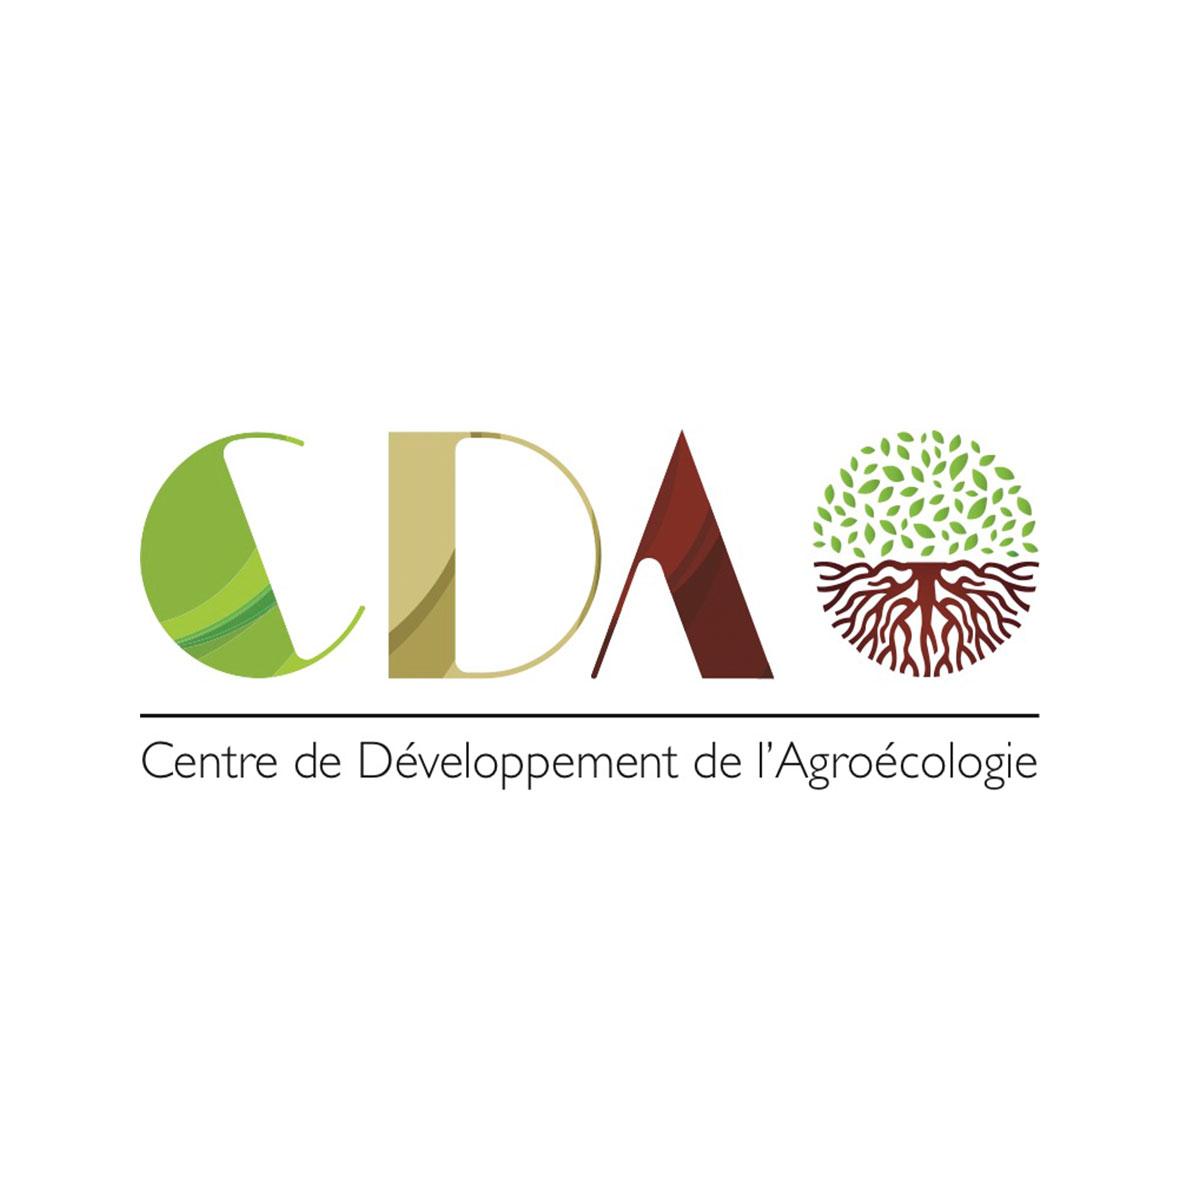 centre-de-developpement-de-l-agroecologie-partenaire-agroecologie